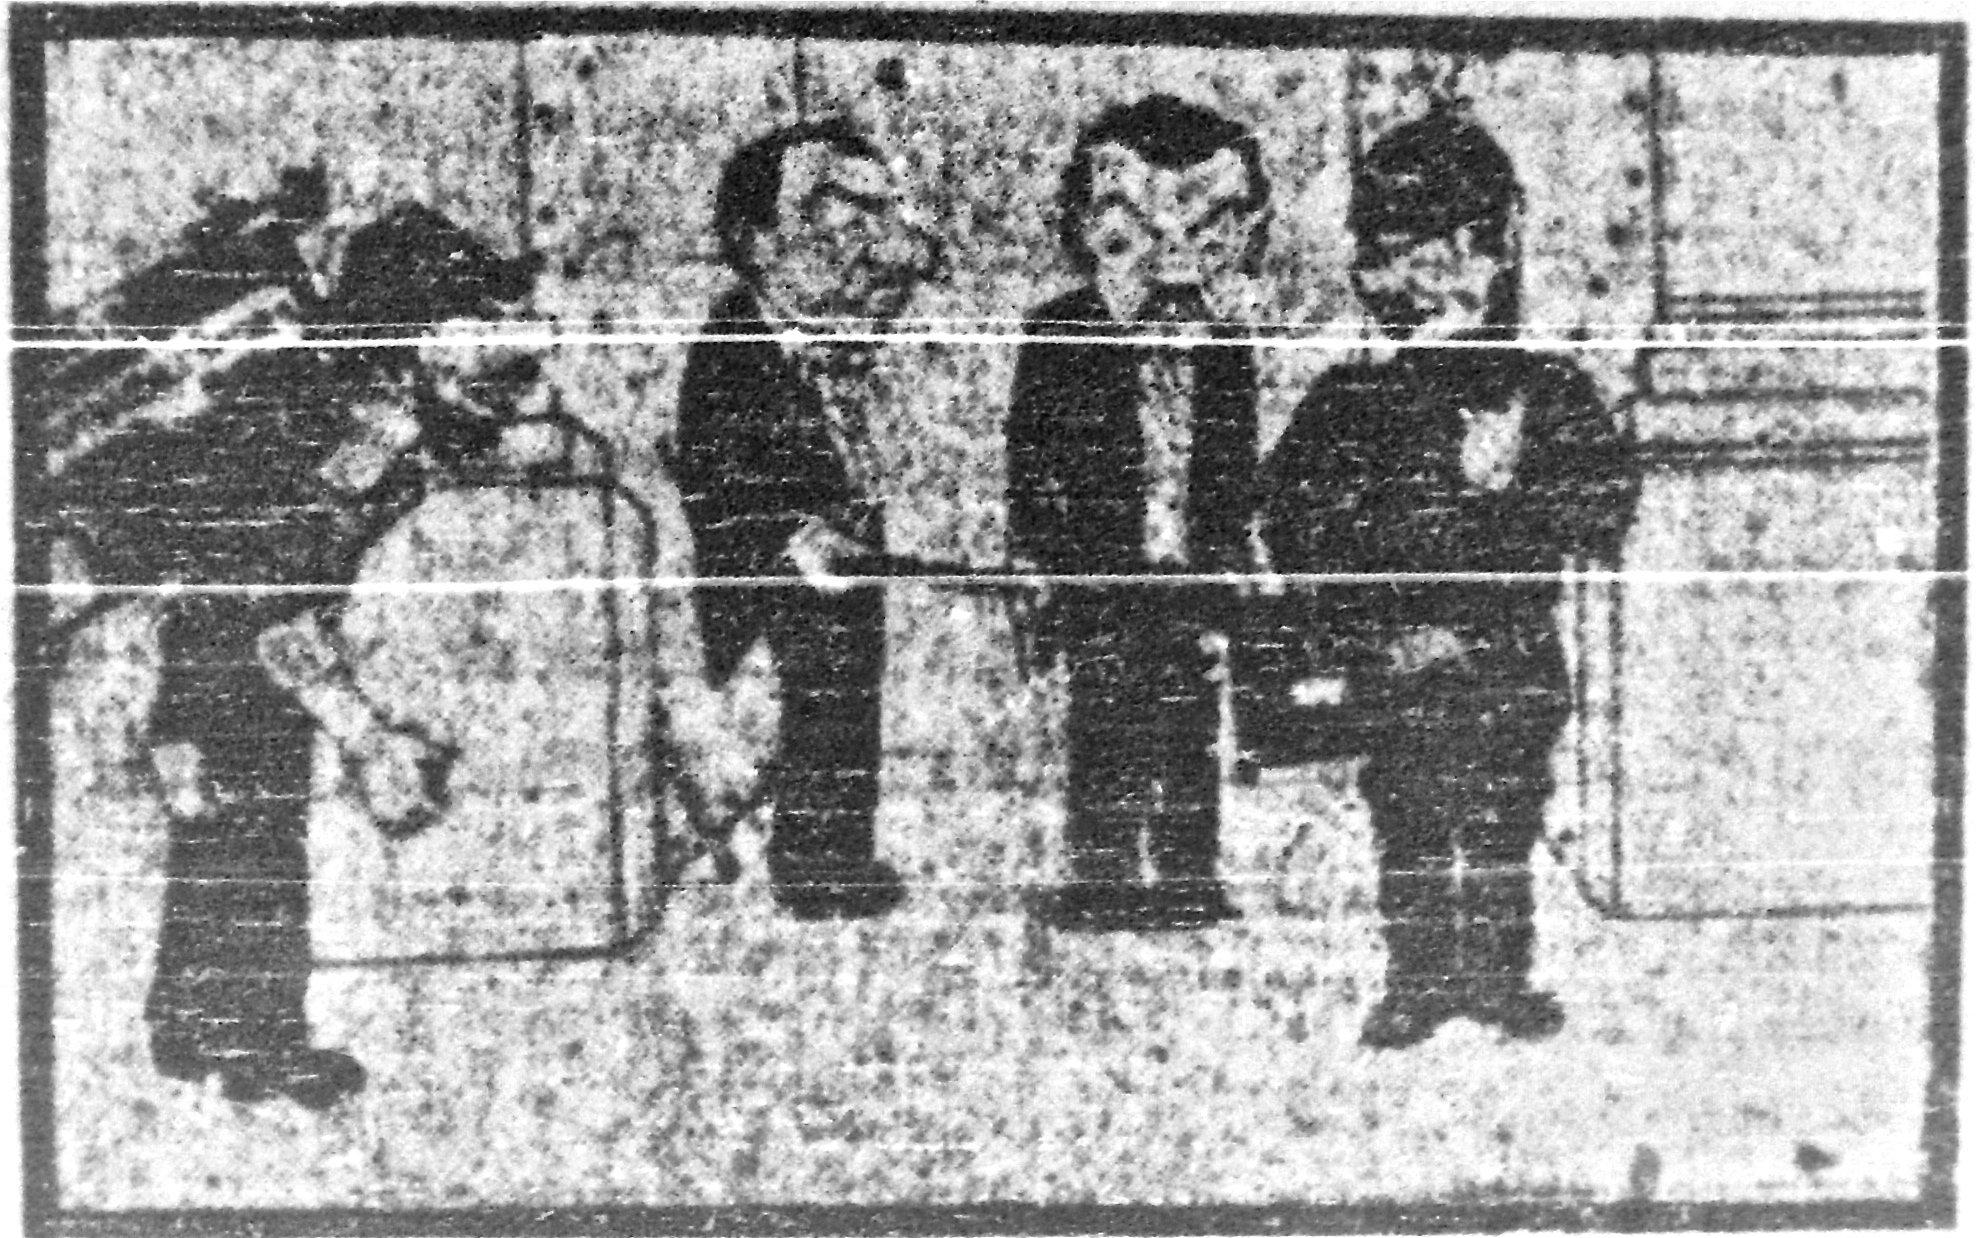 1921-08-01_LUN.Stgo; TDM_PrimeraPelicula (6foto_3de3)_25042013.jpg